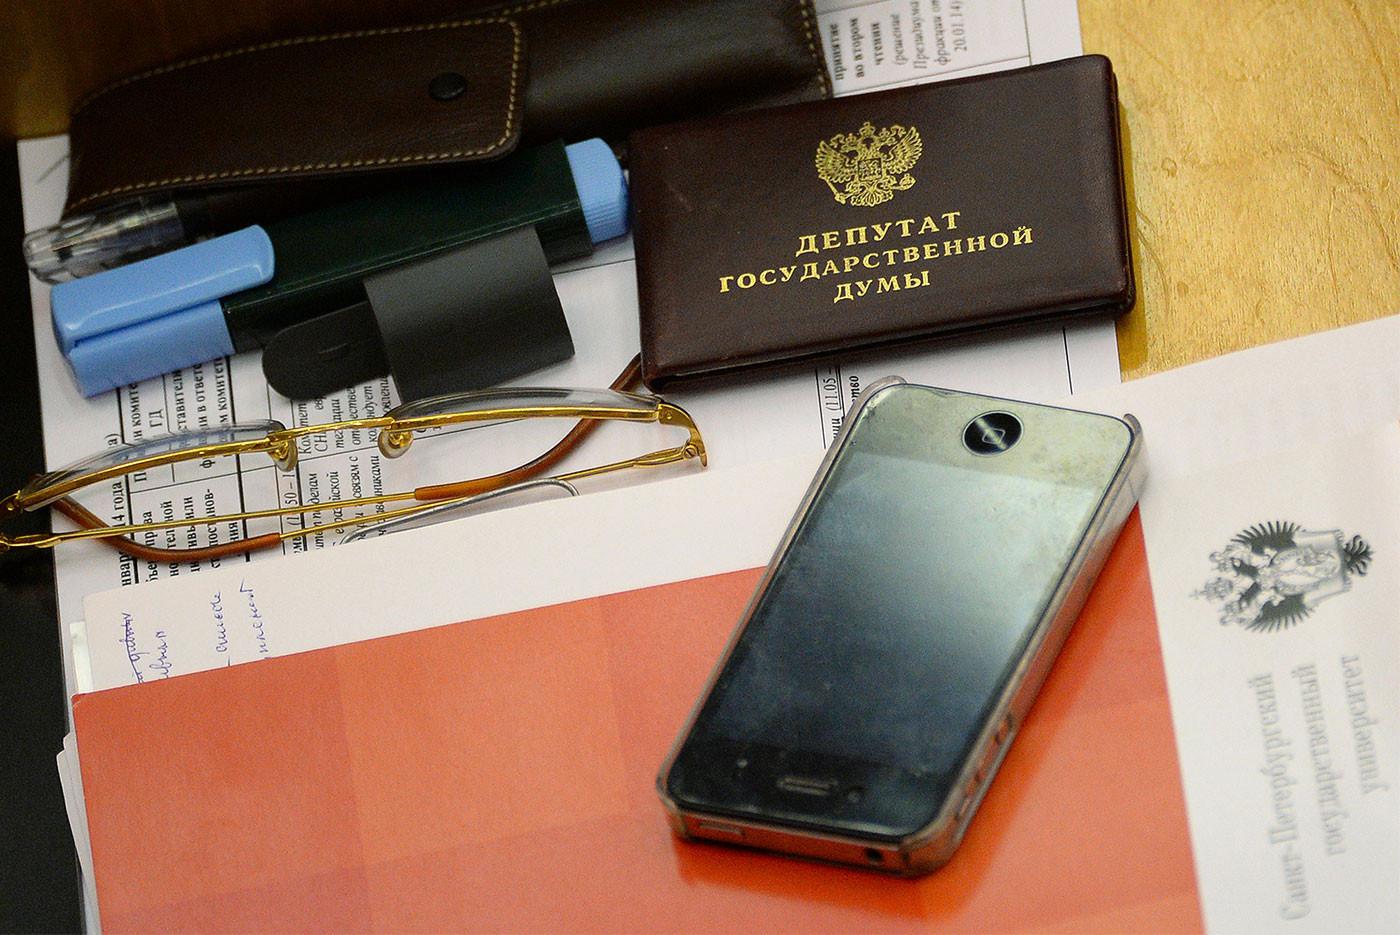 <p>Фото: &copy; РИА Новости<span>/</span><span>Алексей Филиппов</span></p>